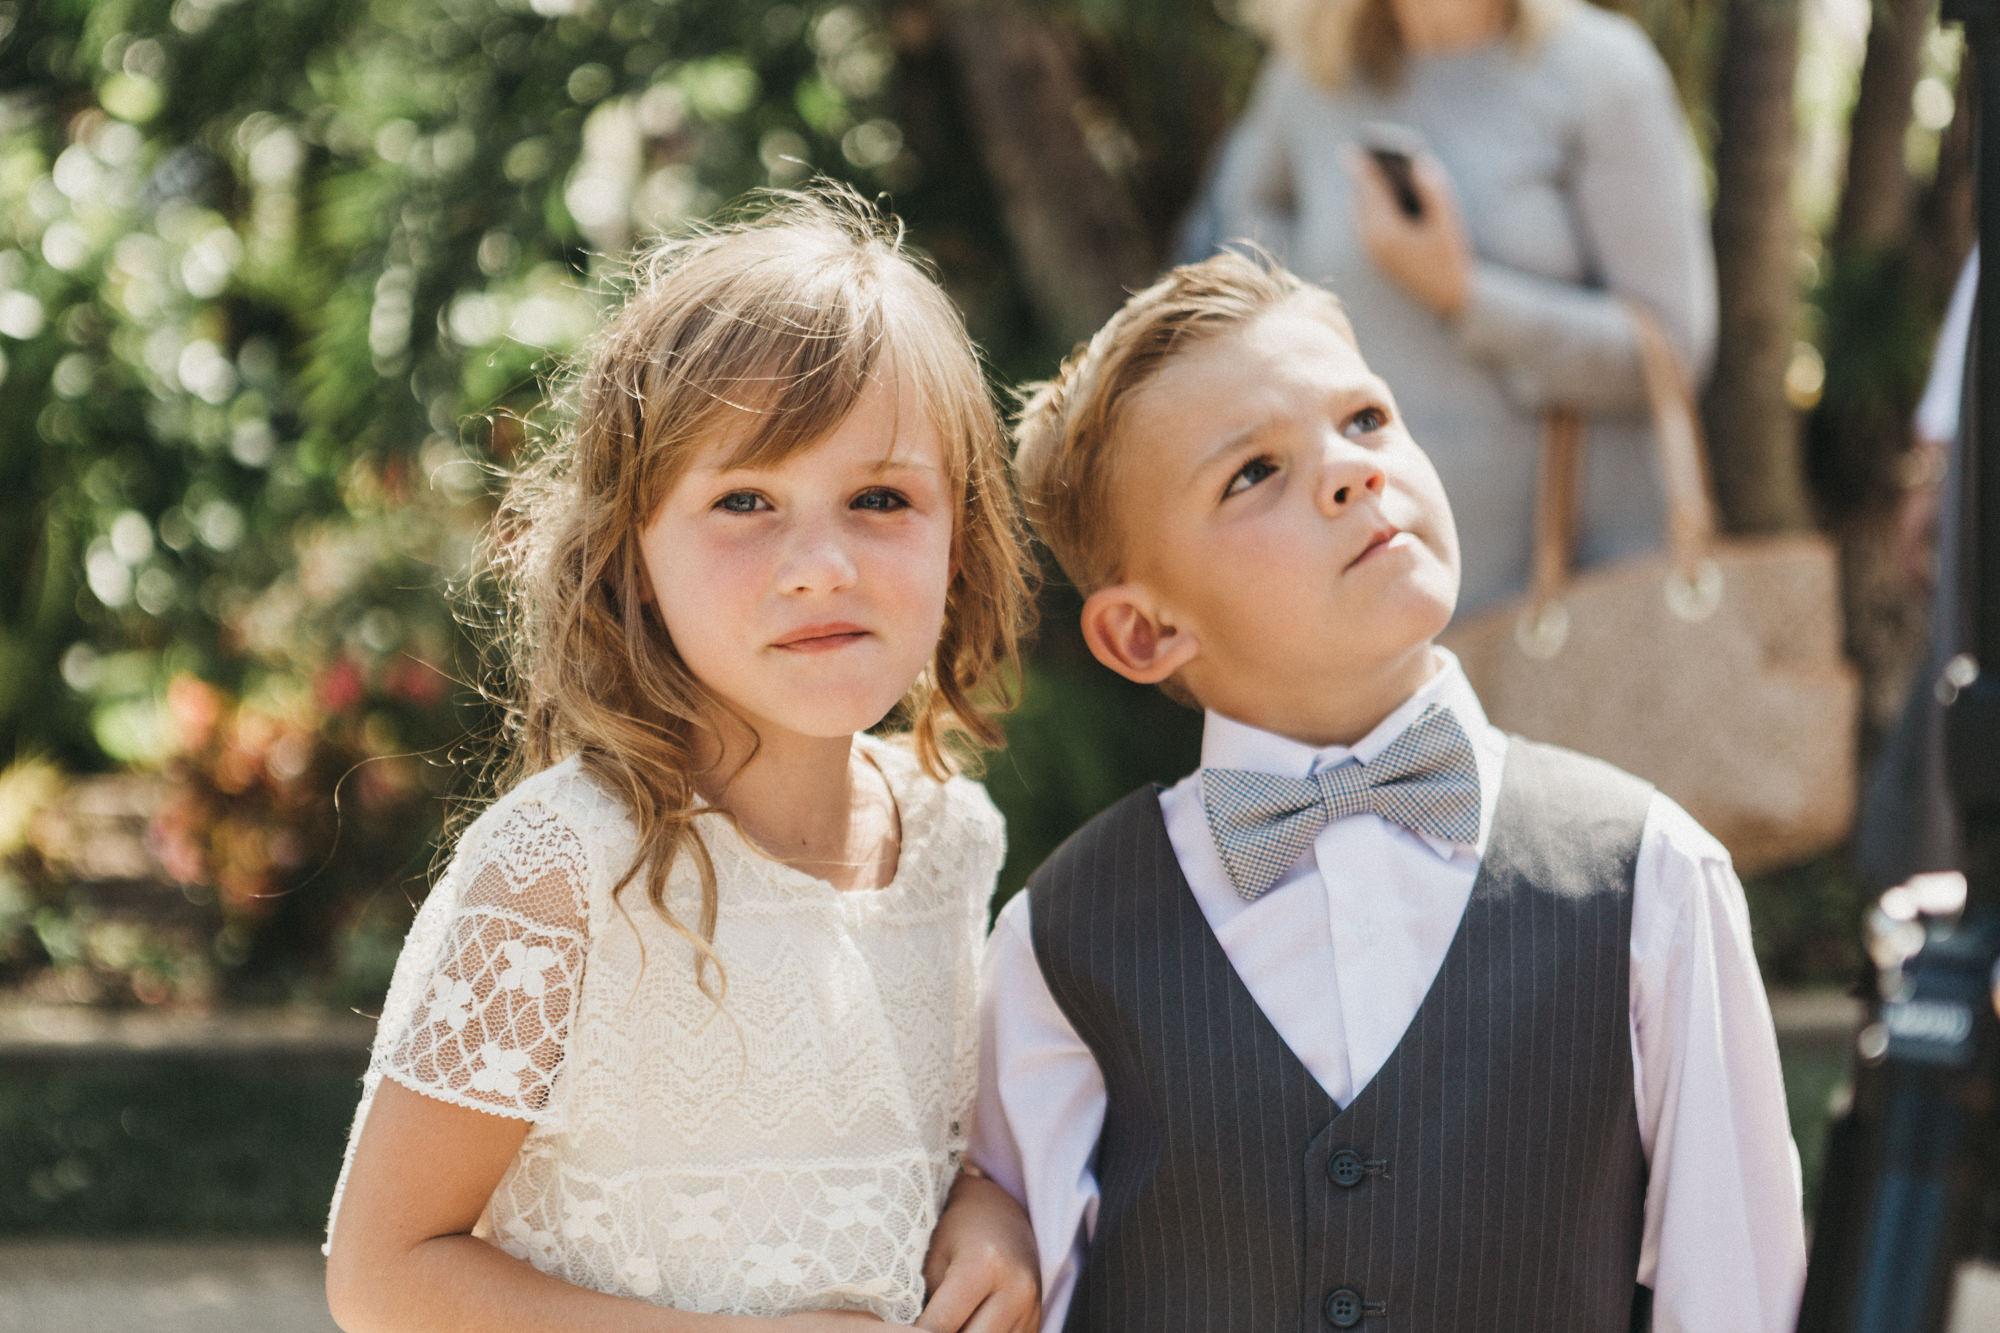 los_angeles_mormon_temple_wedding-4.jpg